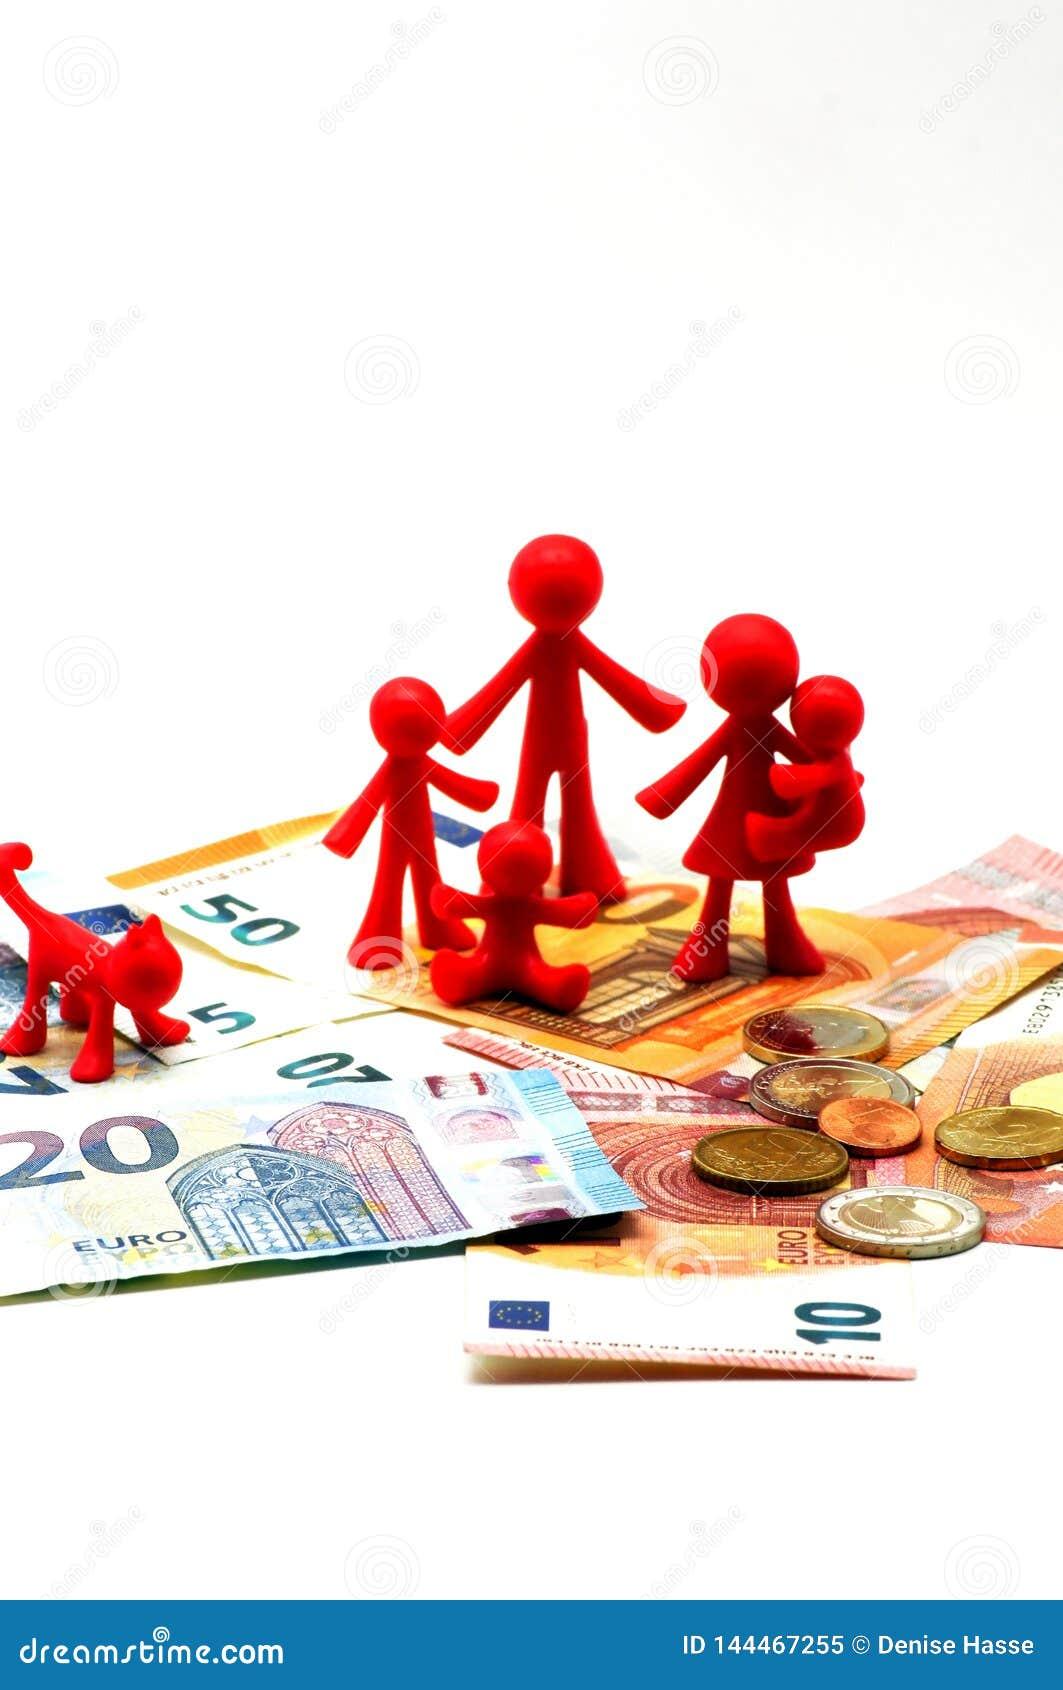 Finazile inkomst i familjen